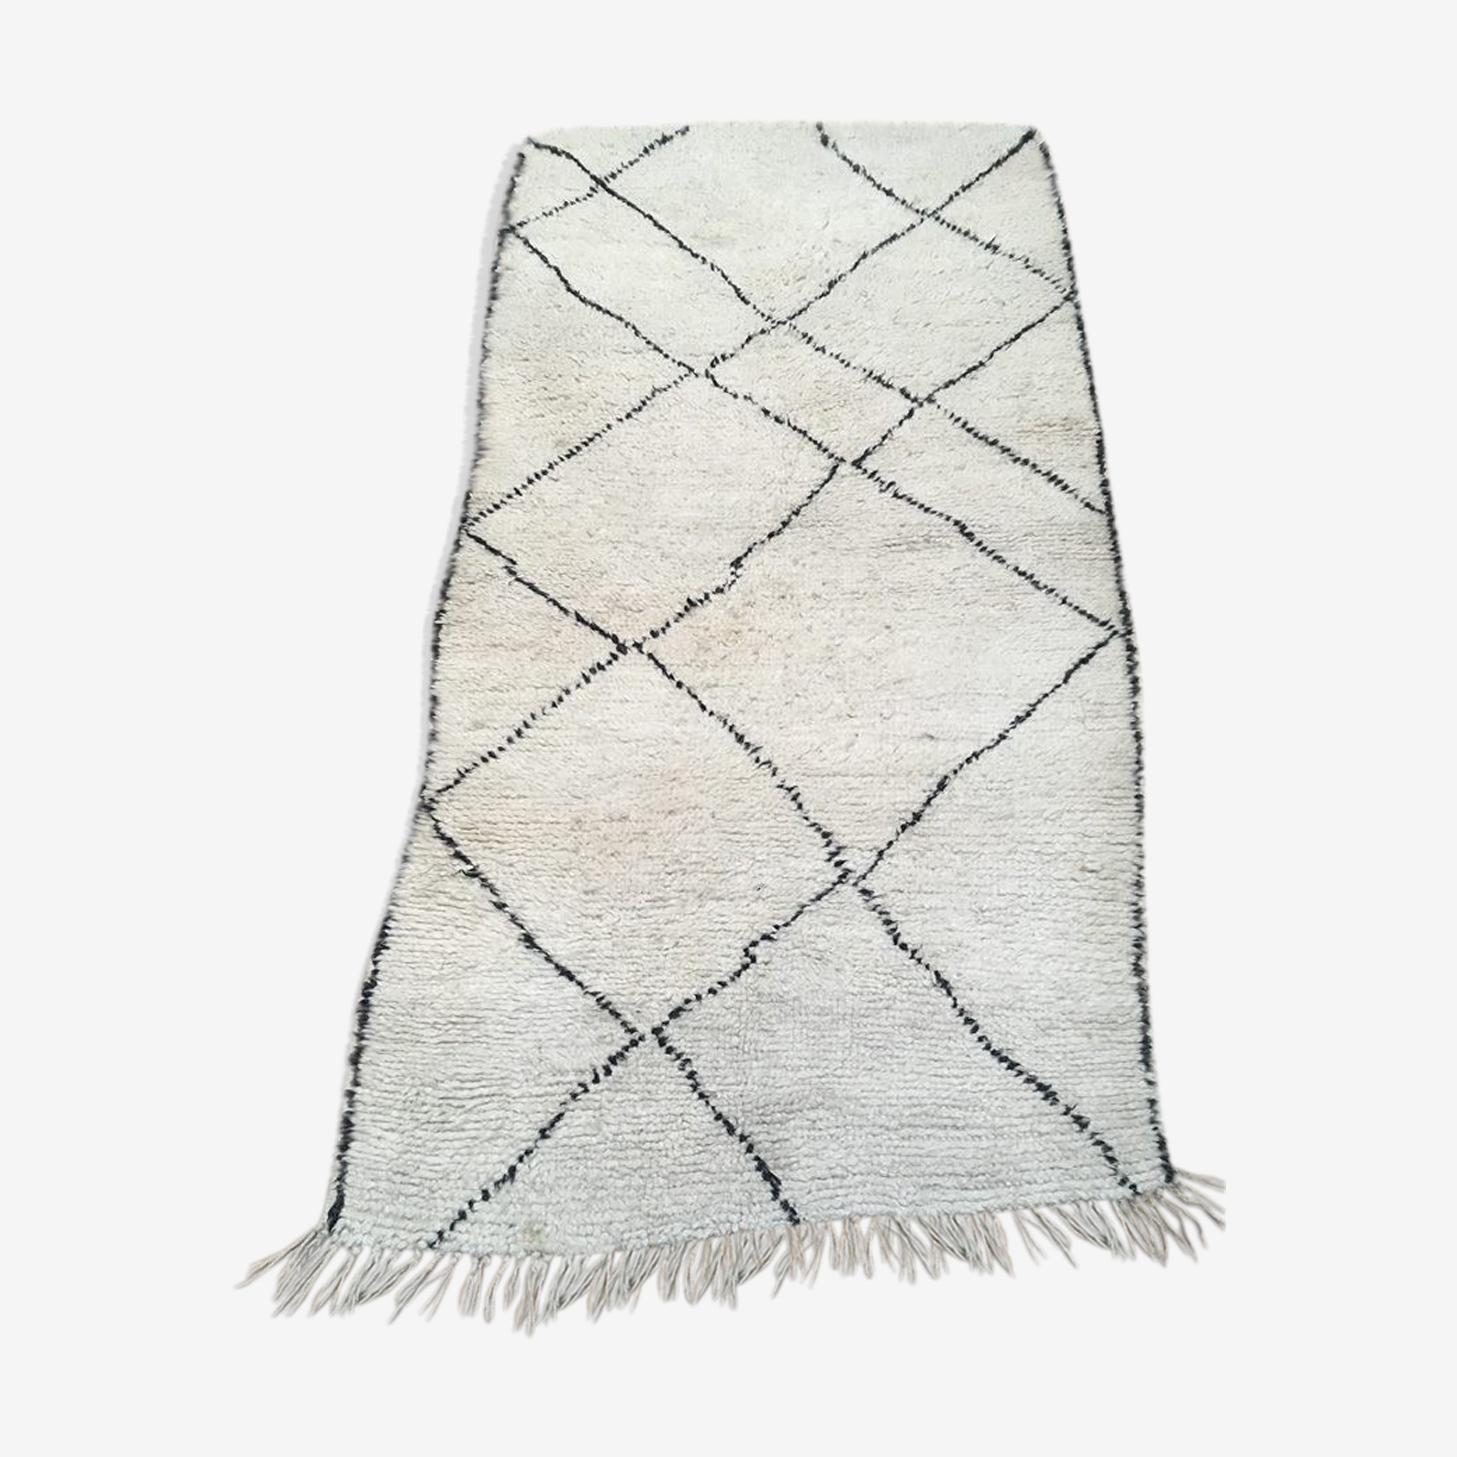 Beni Ouarain carpet 187 x 90 cm